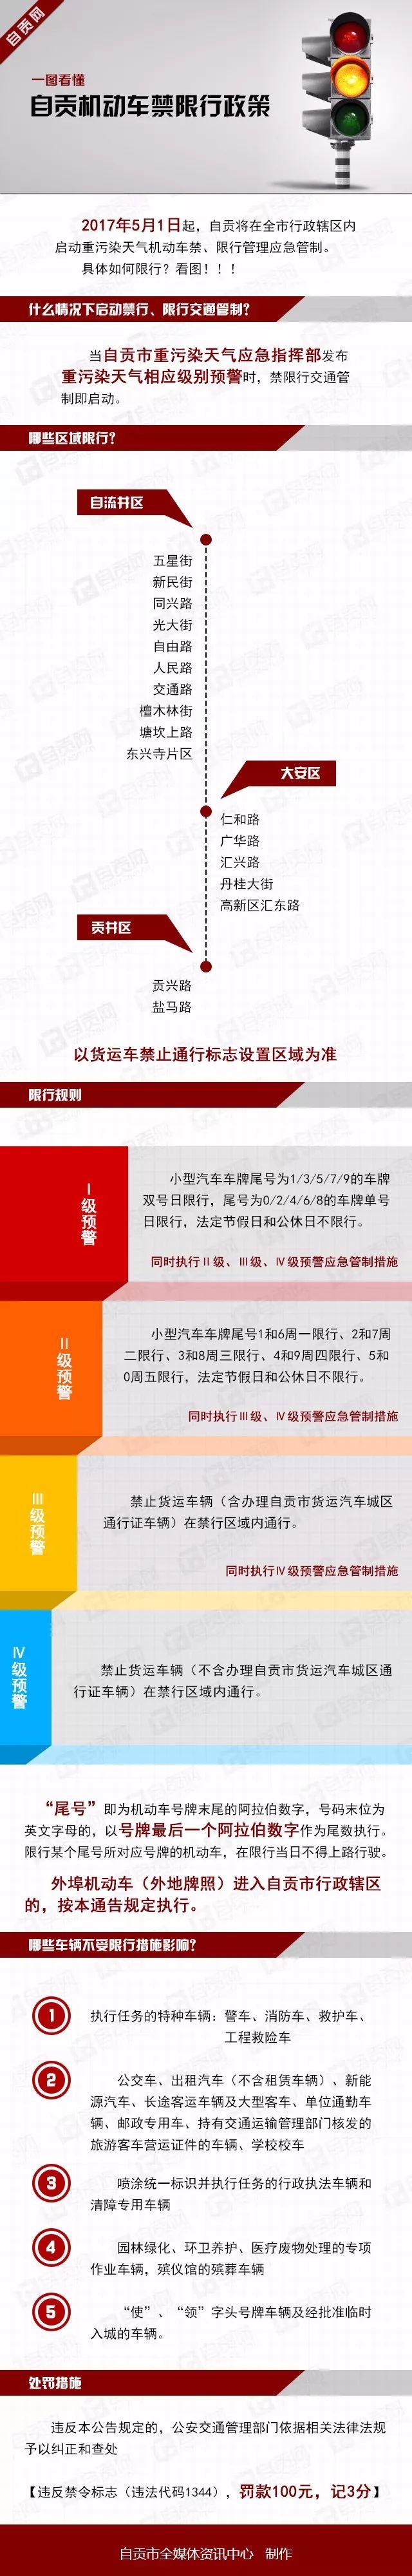 11月8日零时起,自贡实施机动车限行